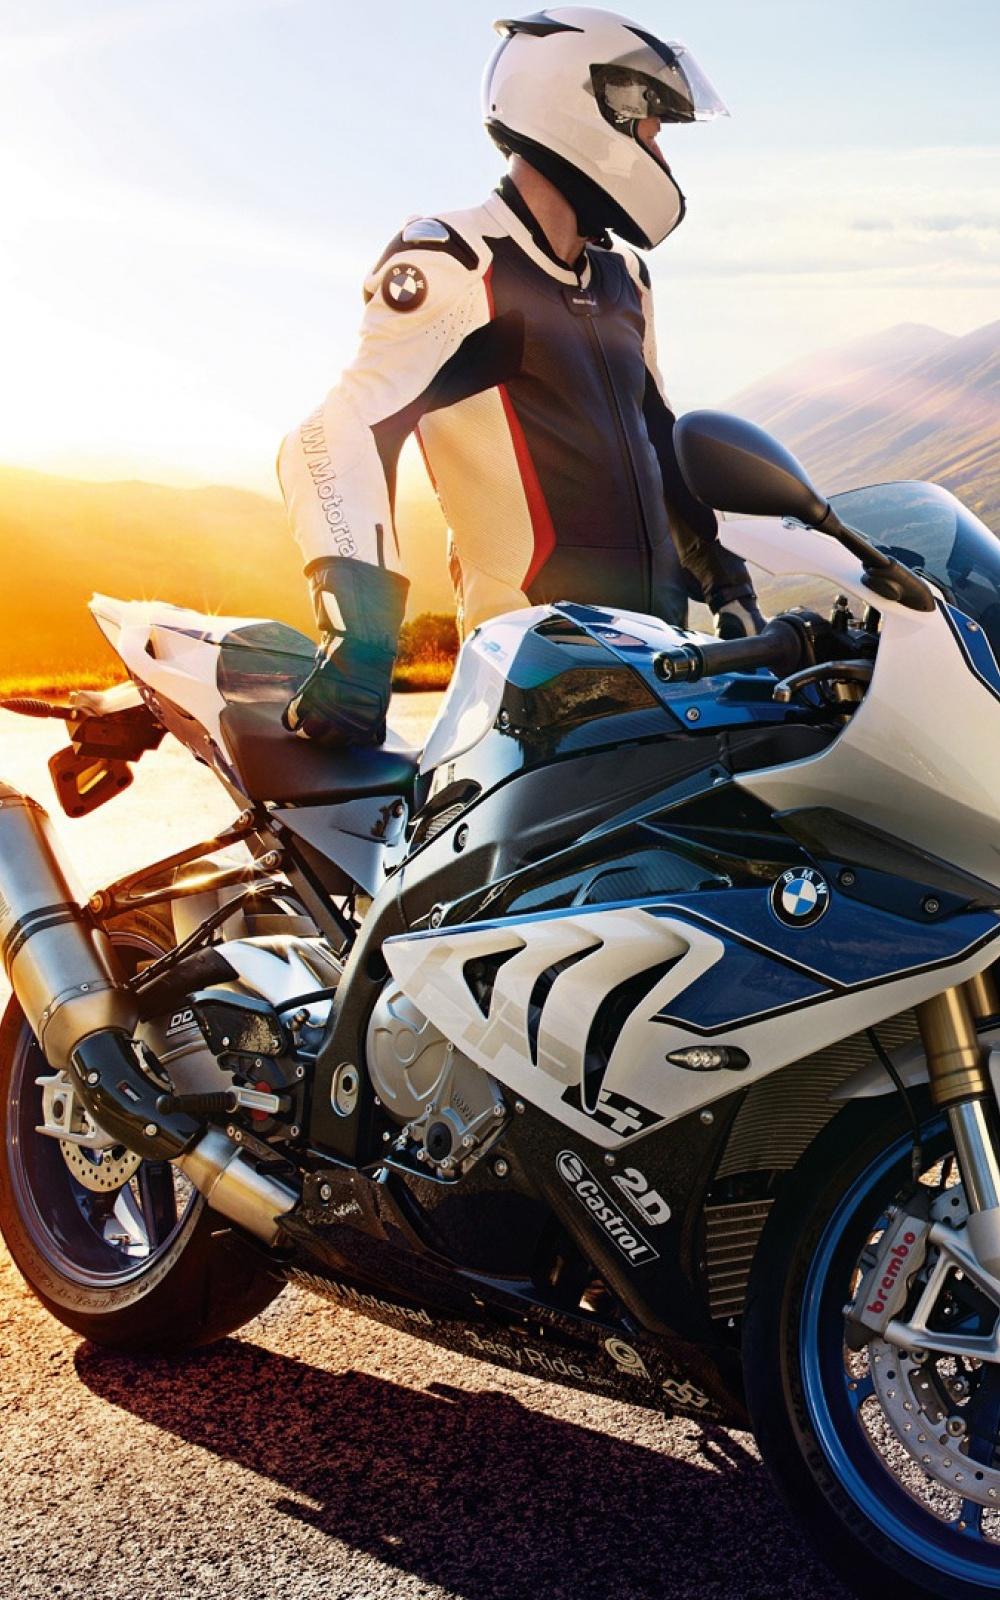 Fondo de pantalla con moto y piloto